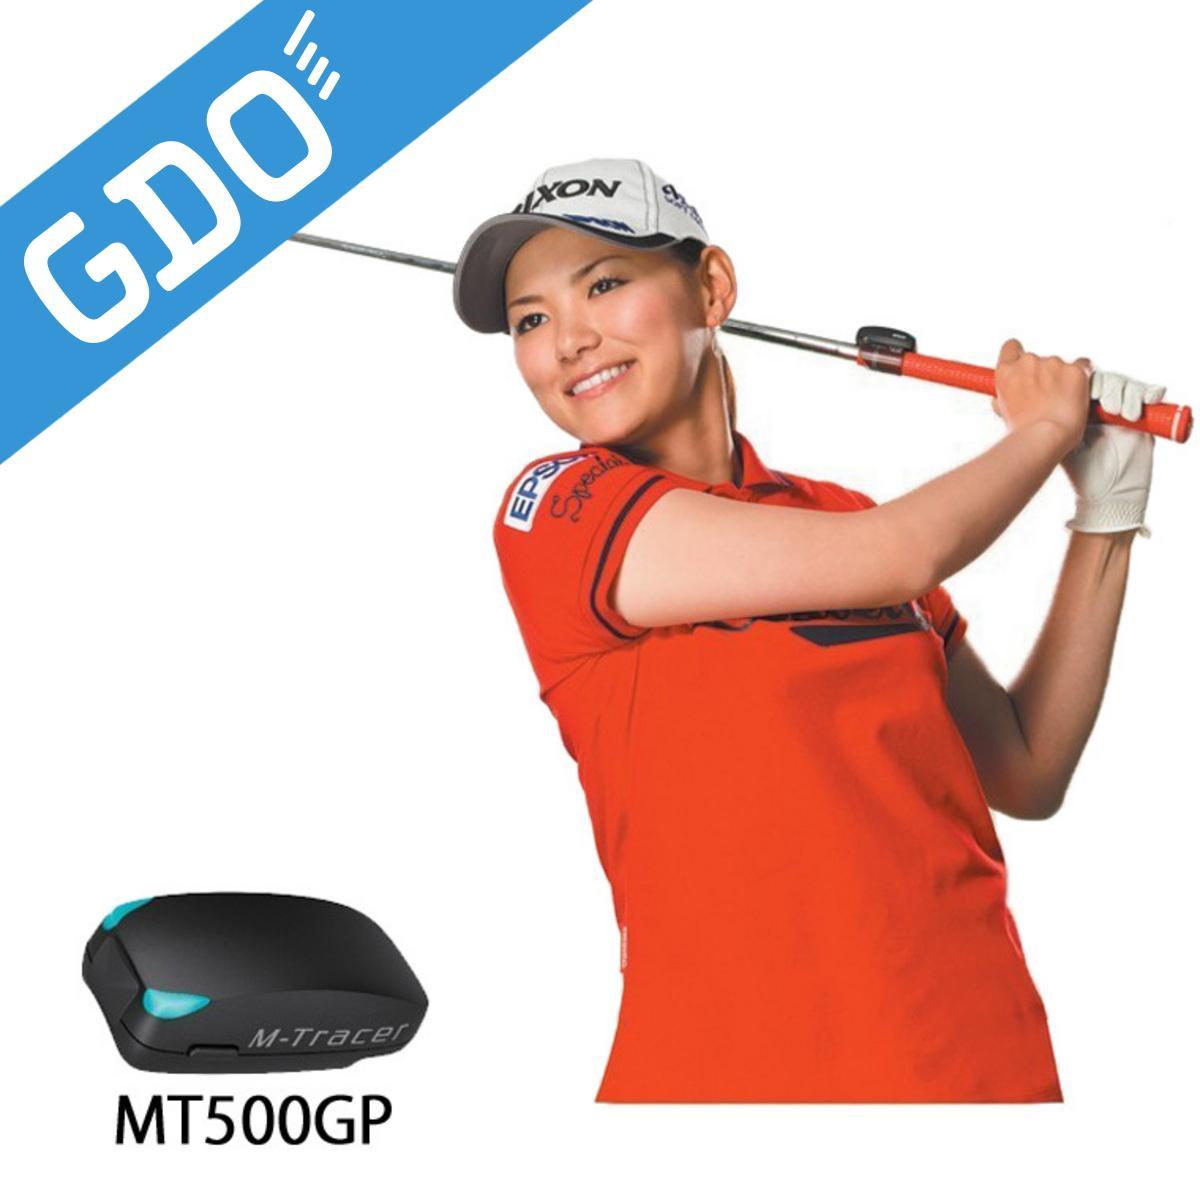 【11/30(土)0時~23時59分まで!最大2400円OFFクーポン配布♪】エプソン EPSON M-Tracer For Golf MT500GP